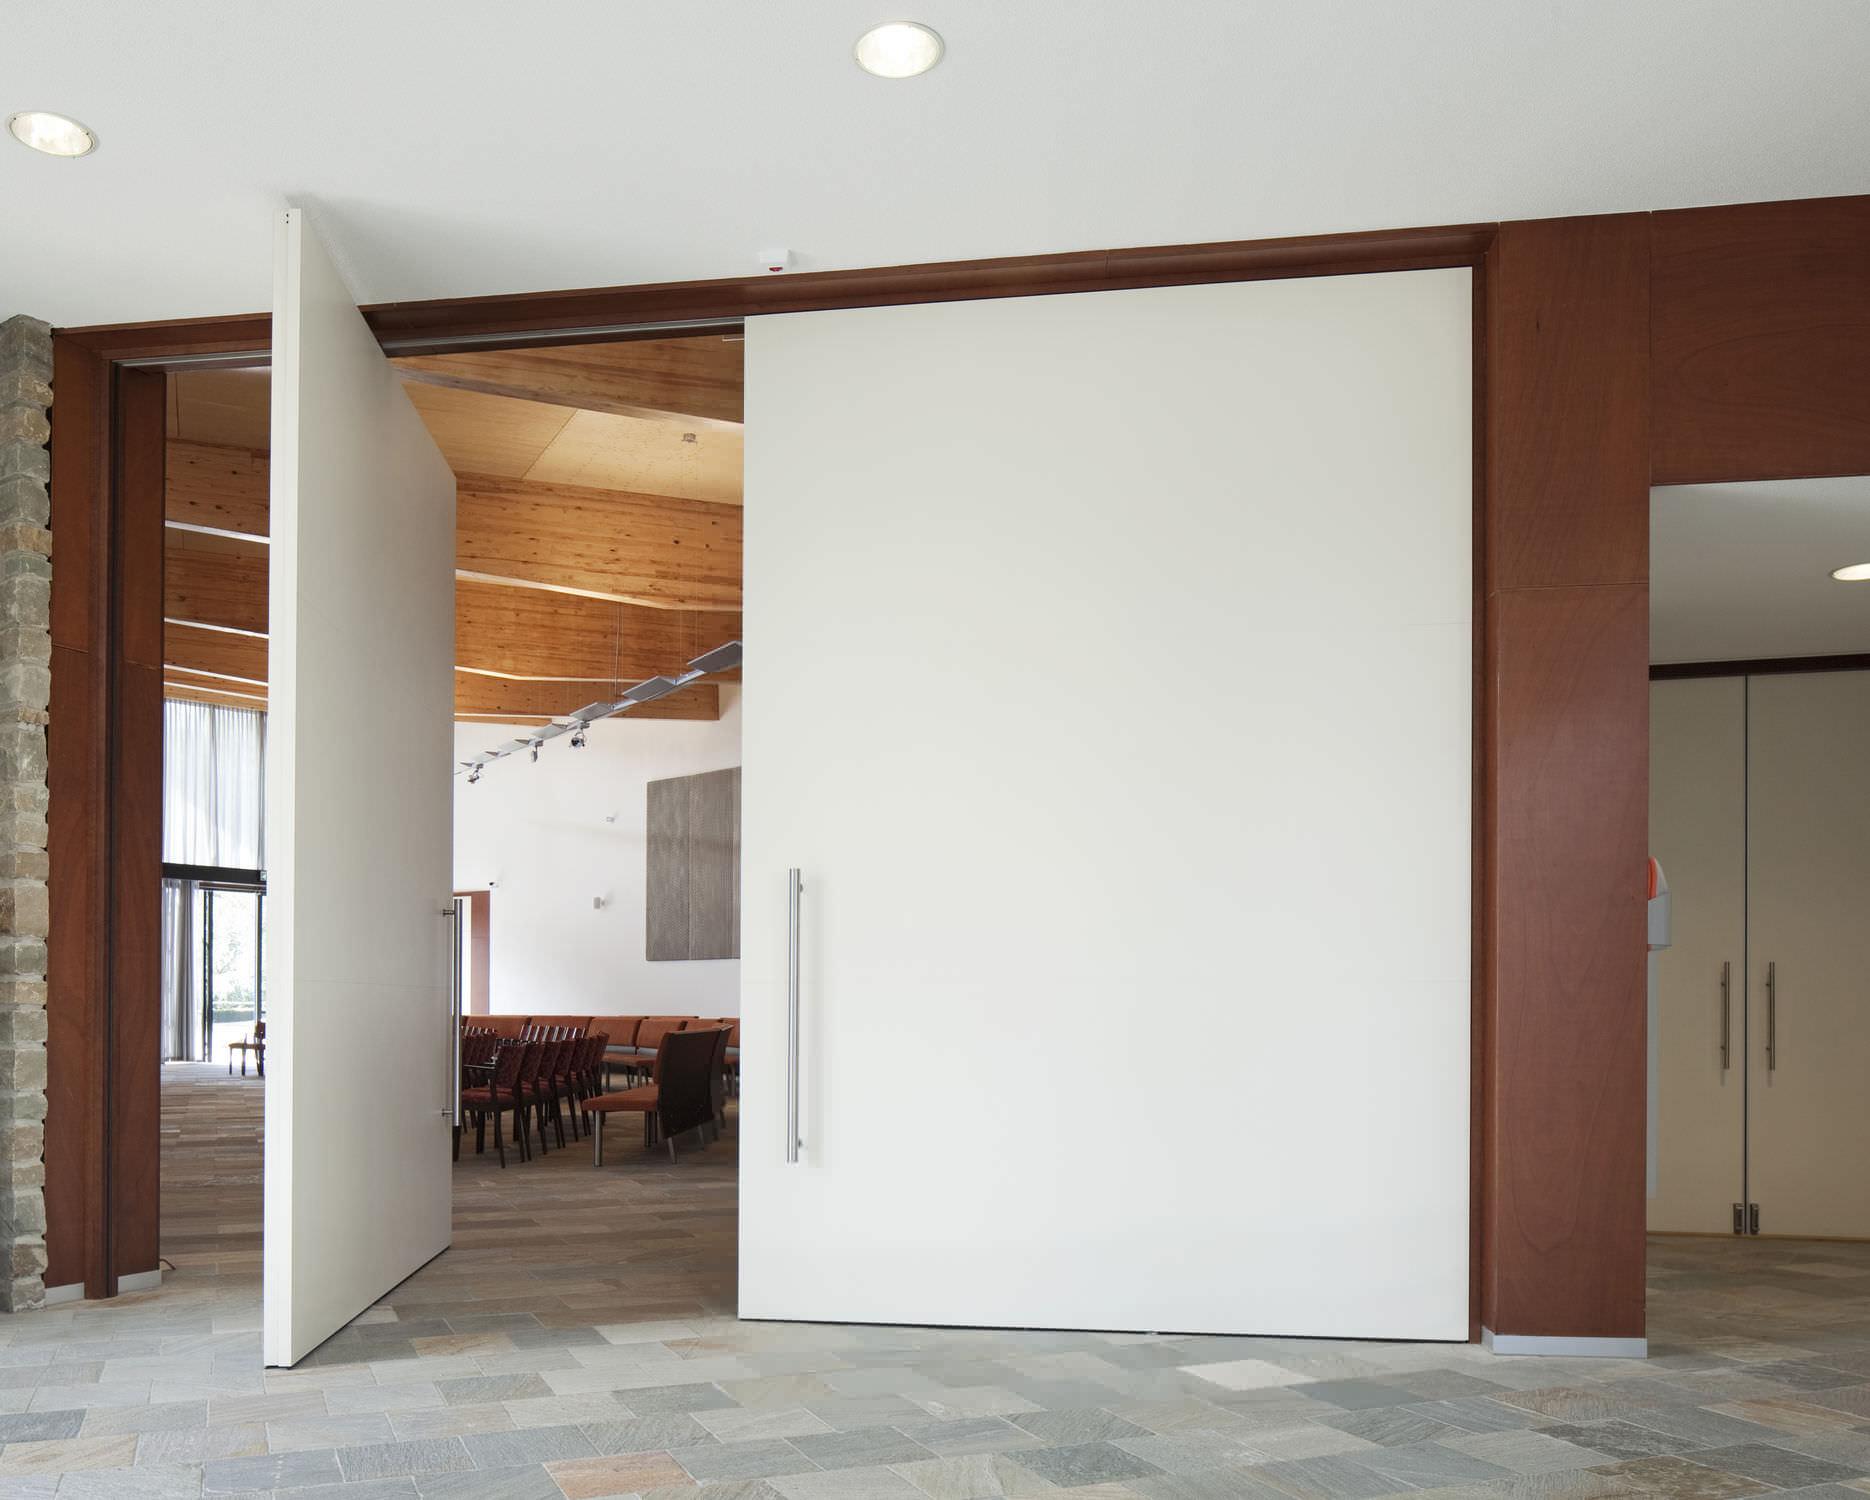 puerta de interior pivotante con eje central de madera by hulshof architecten